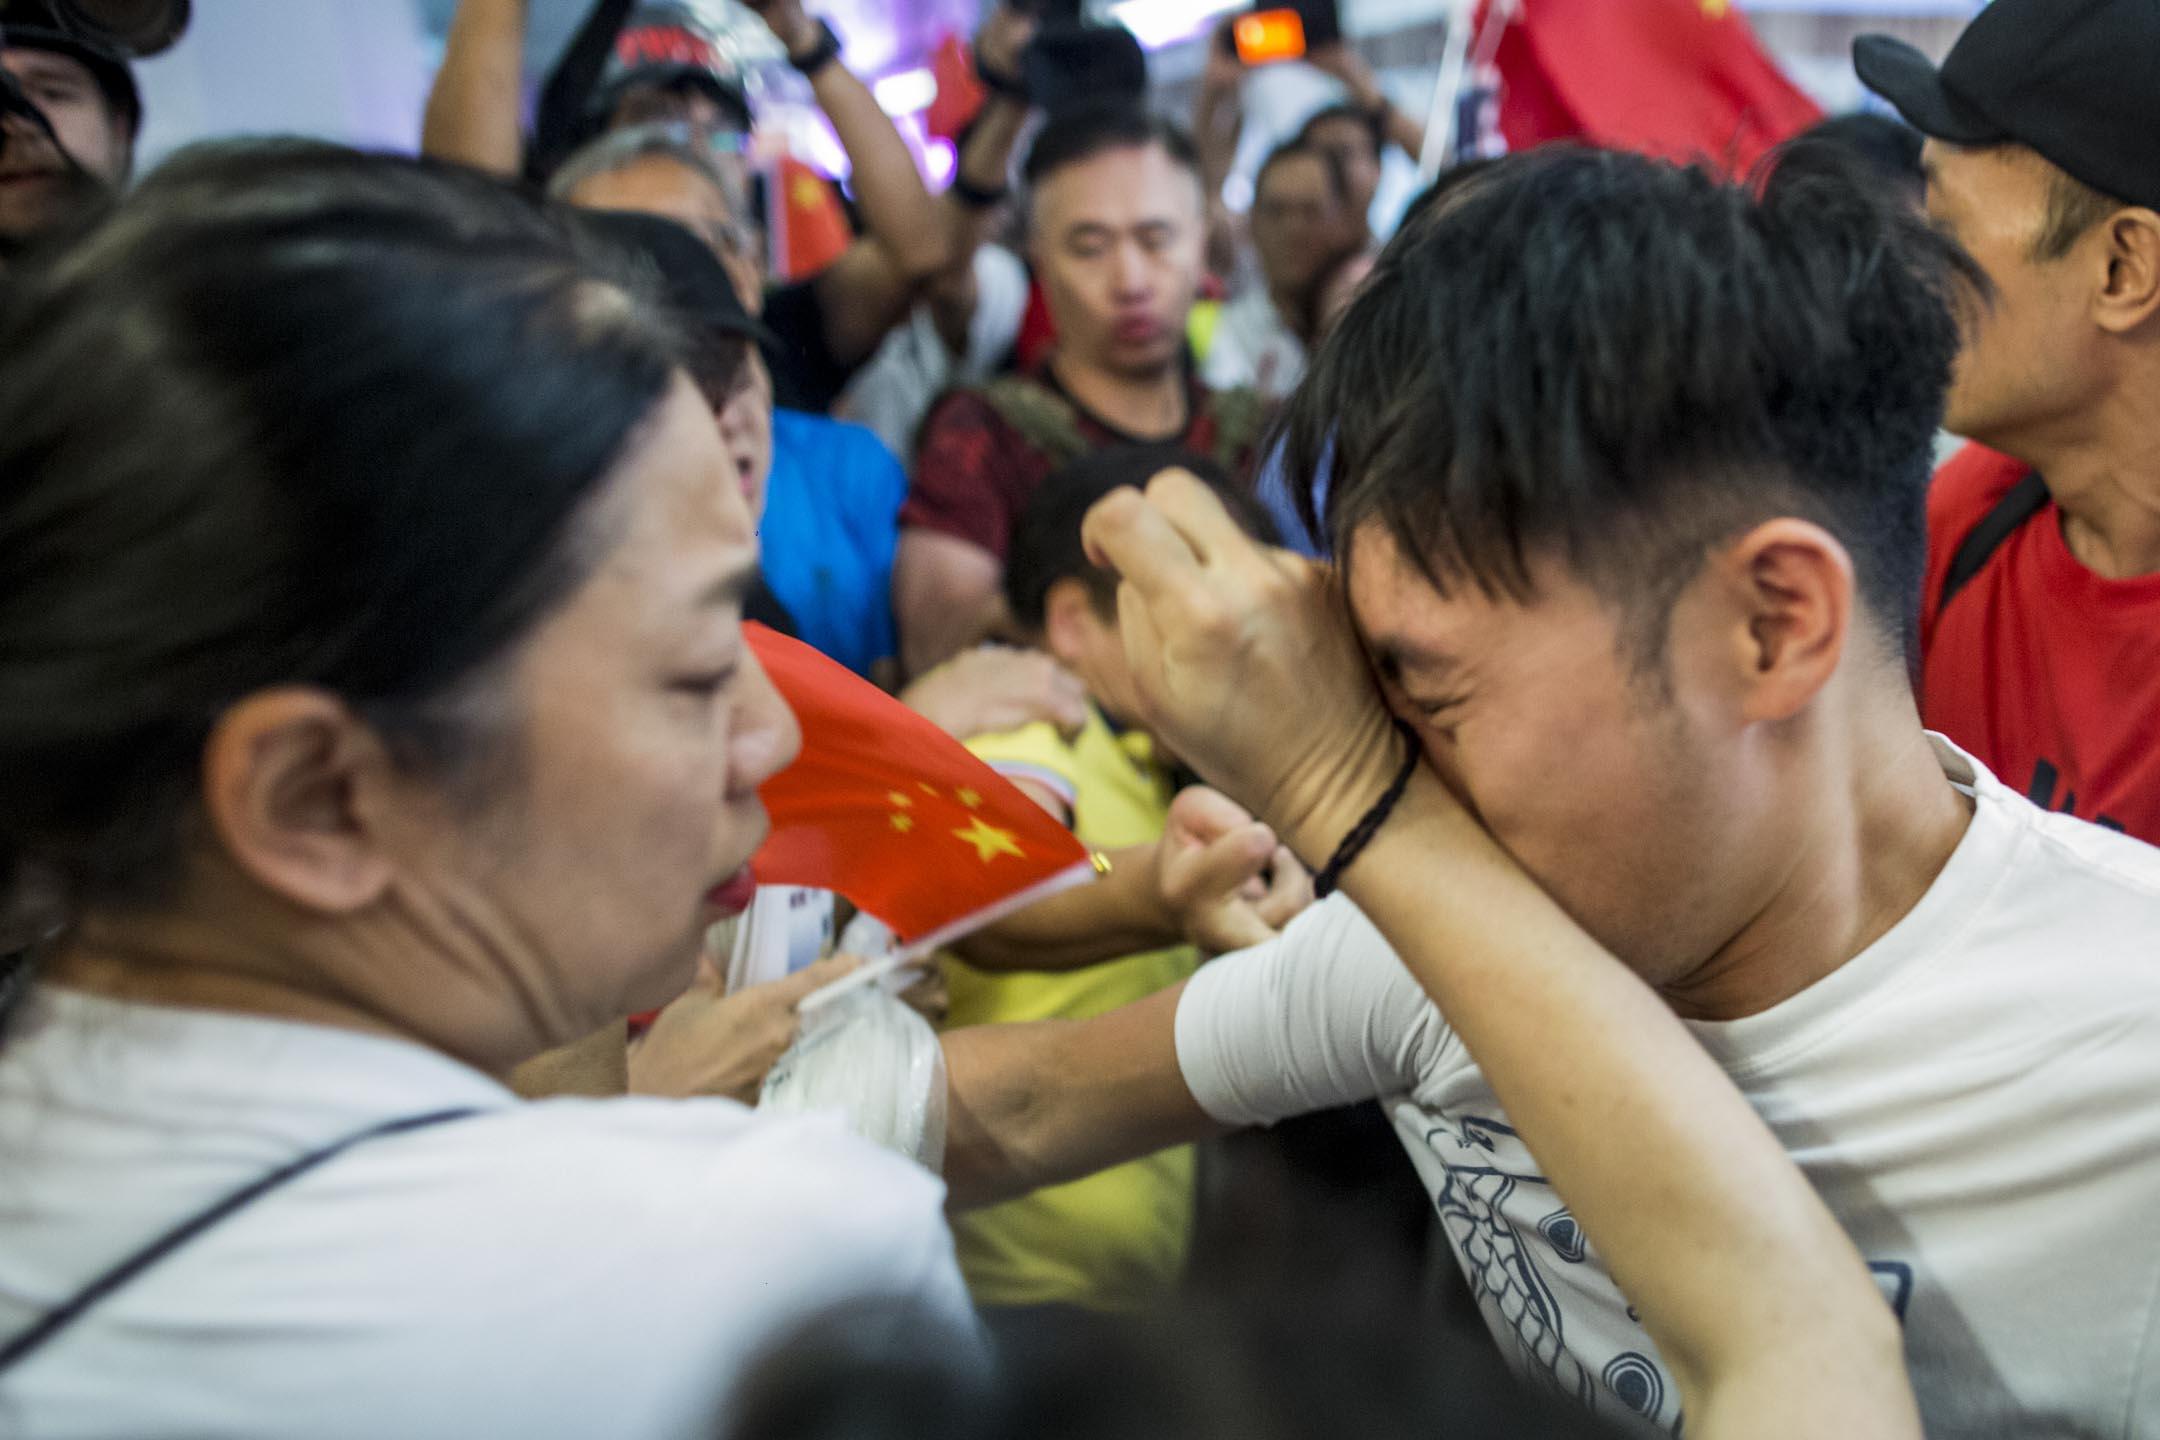 2019年9月14日,九龍灣淘大商場,持國旗的市民與在場一批青年發生口角及打架。